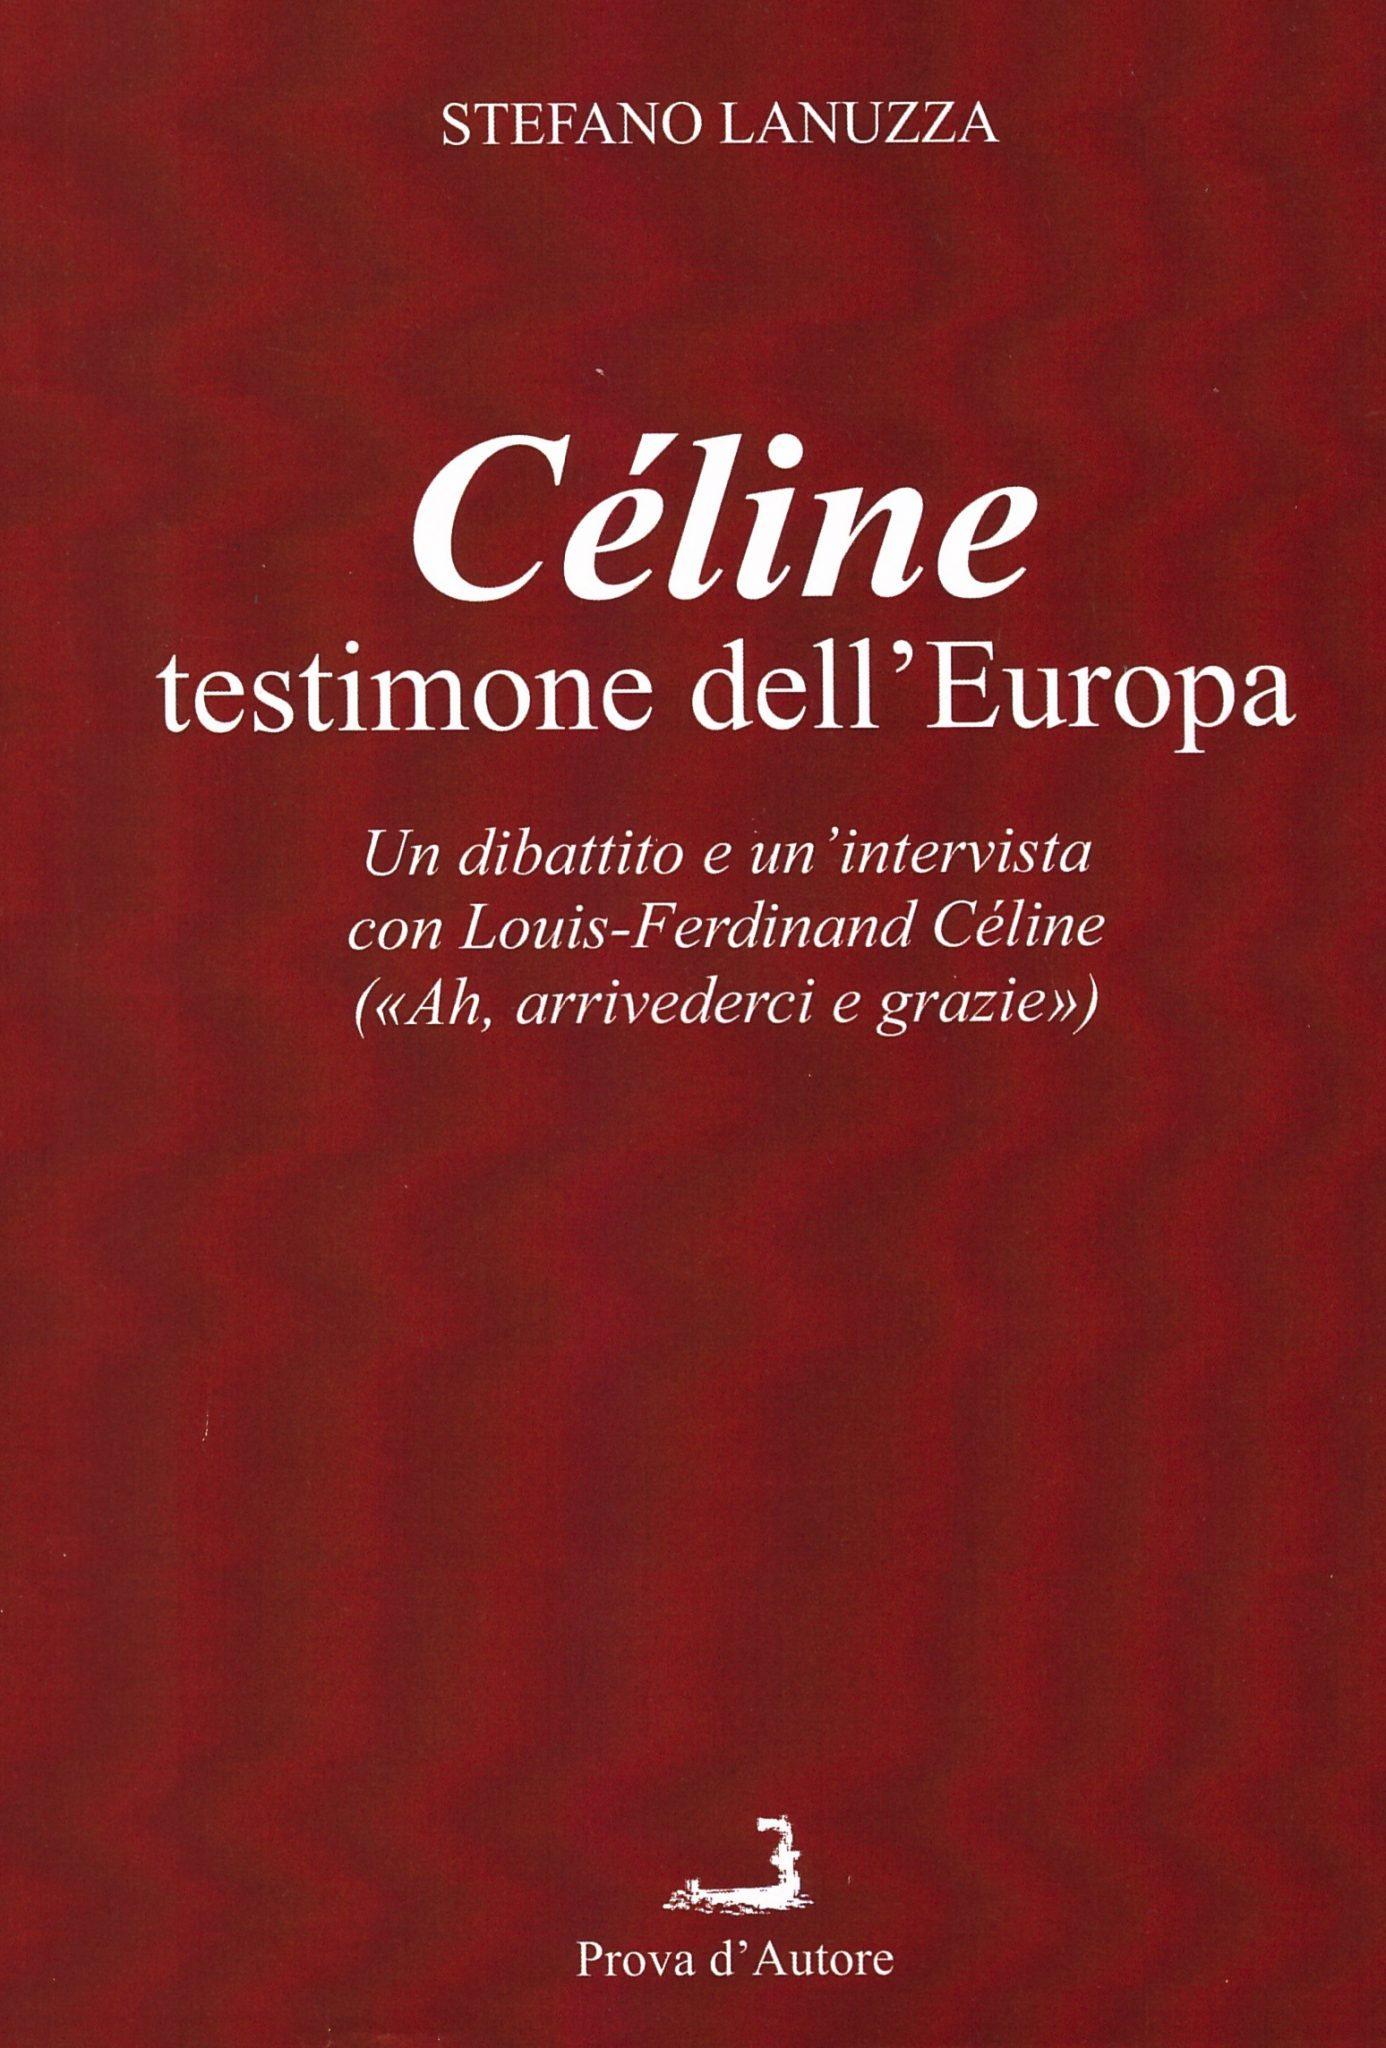 L'antisemitismo di Céline e la censura nel saggio di Stefano Lanuzza: 'Céline, testimone d'Europa'